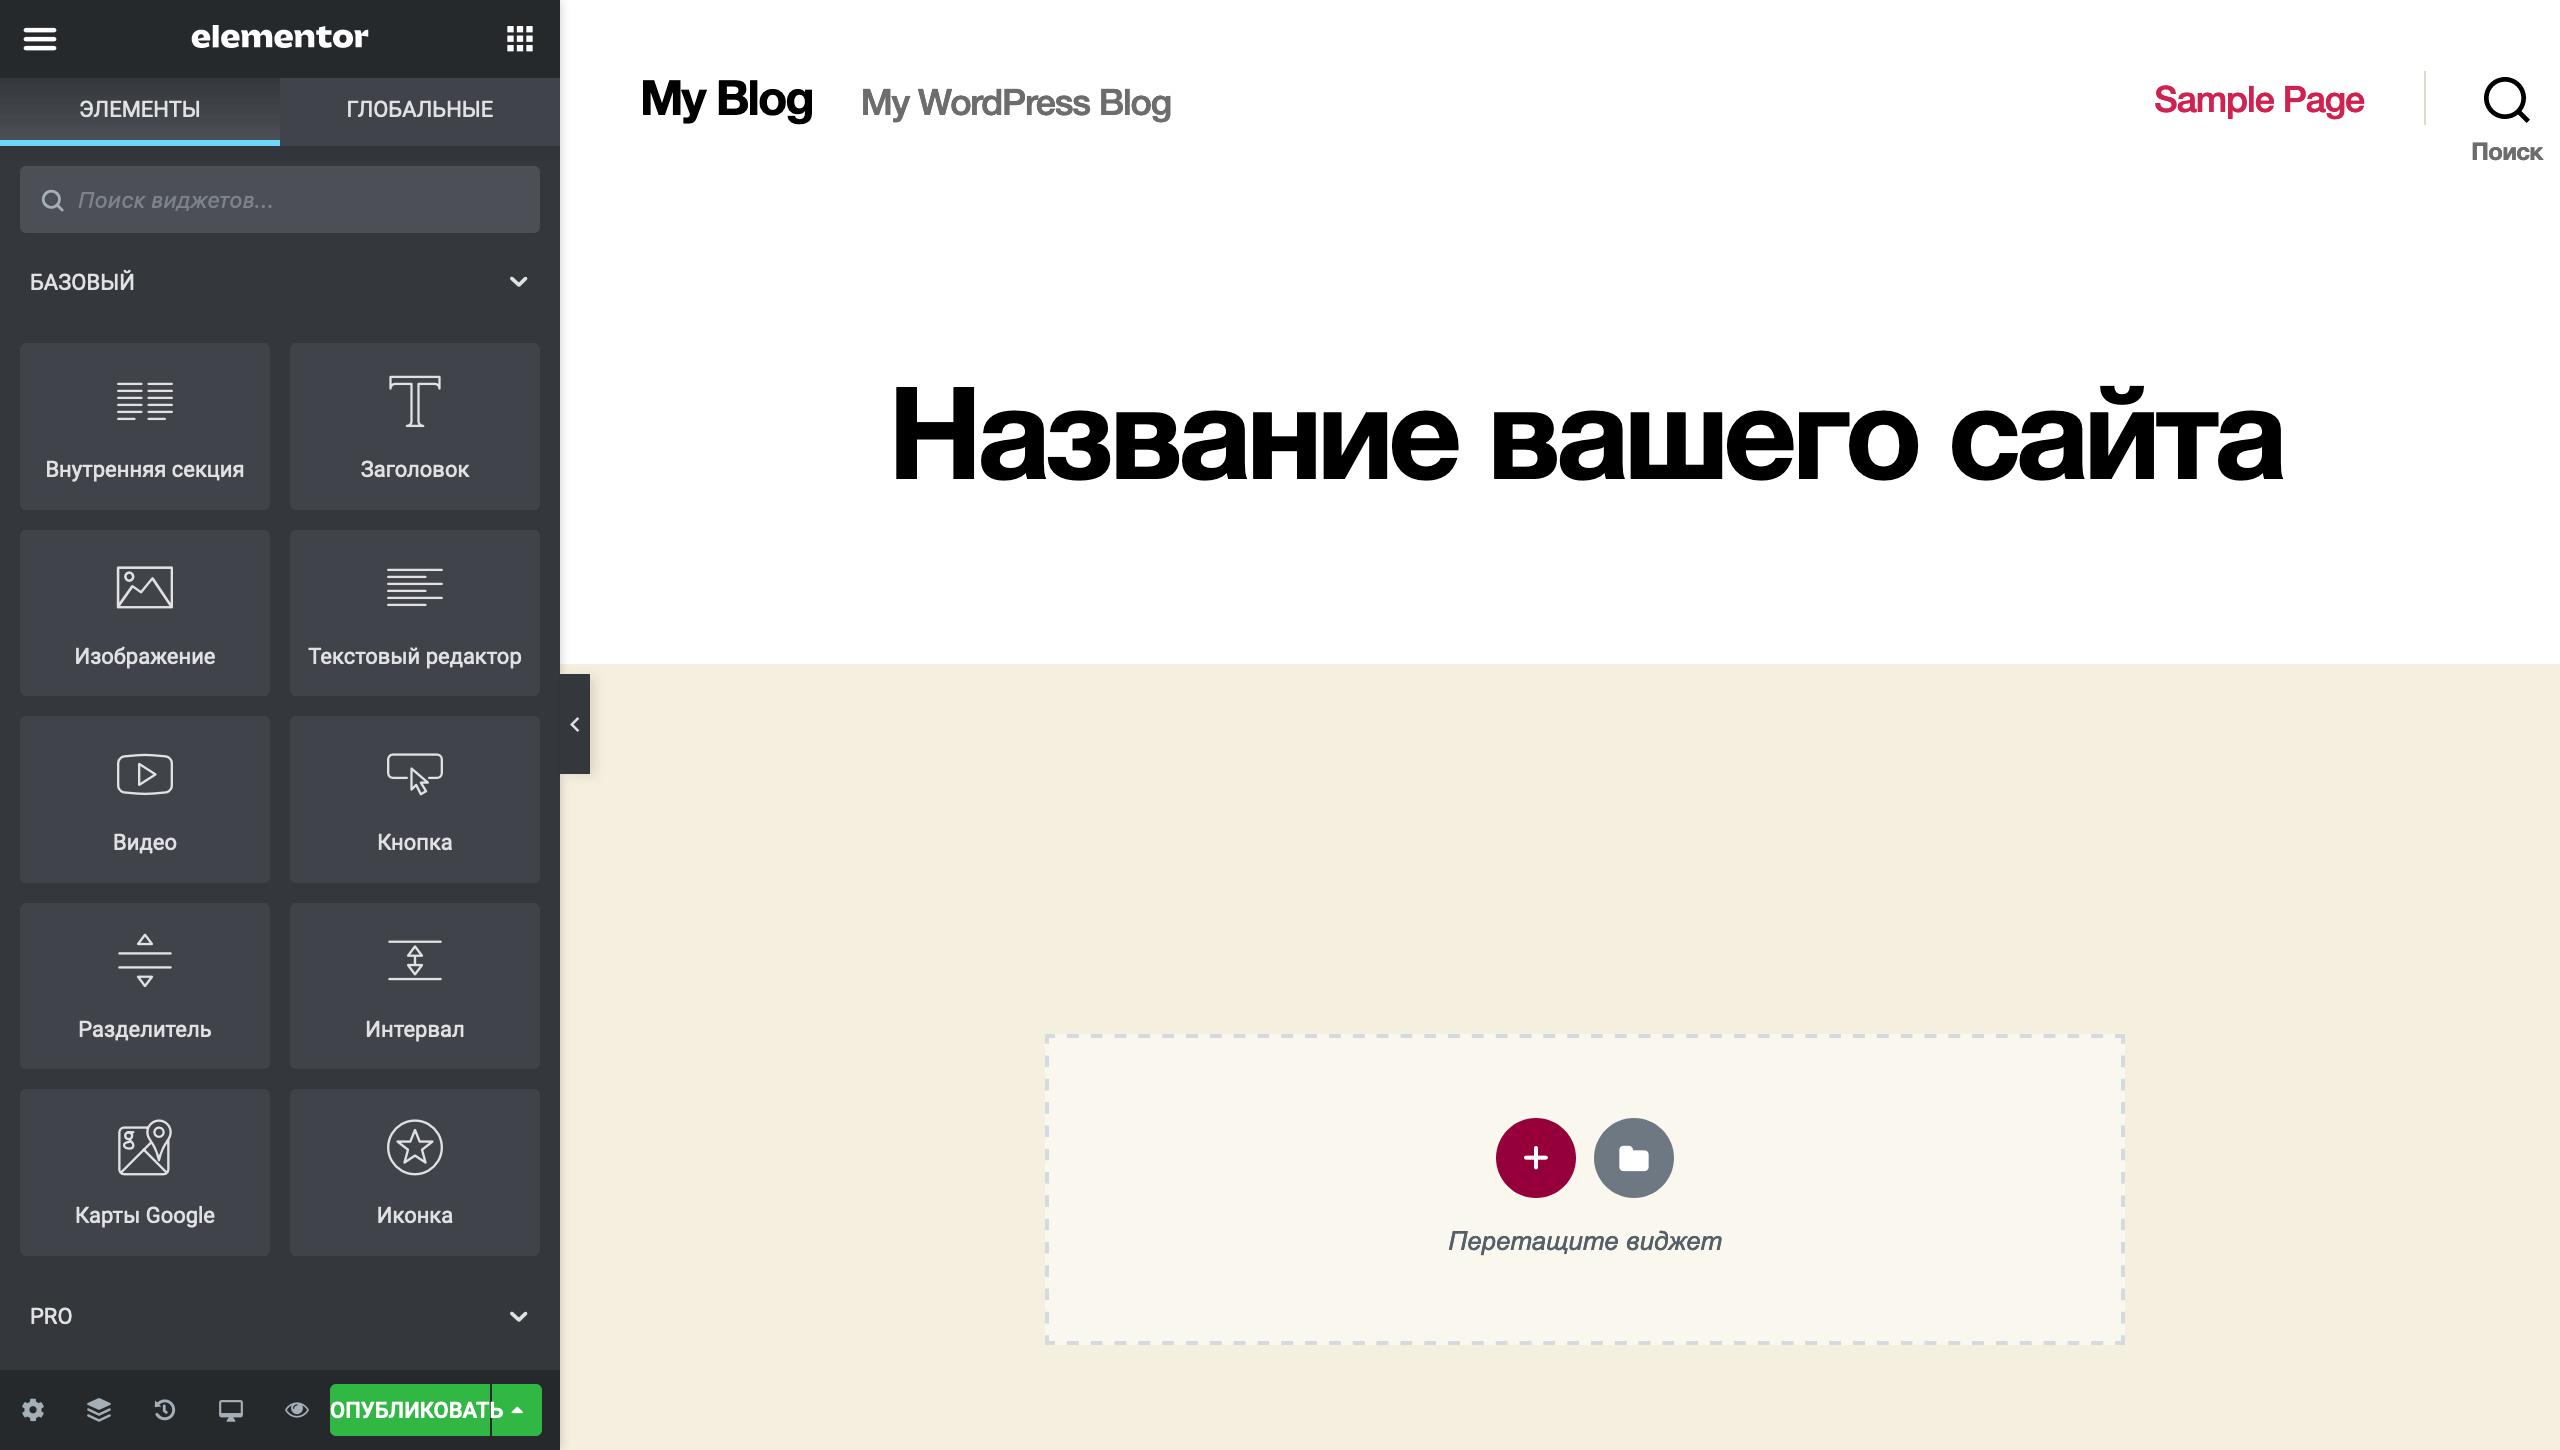 Что такое ЦМС. Панель управления популярным конструктором страниц для WordPress — Elementor Site Builder.